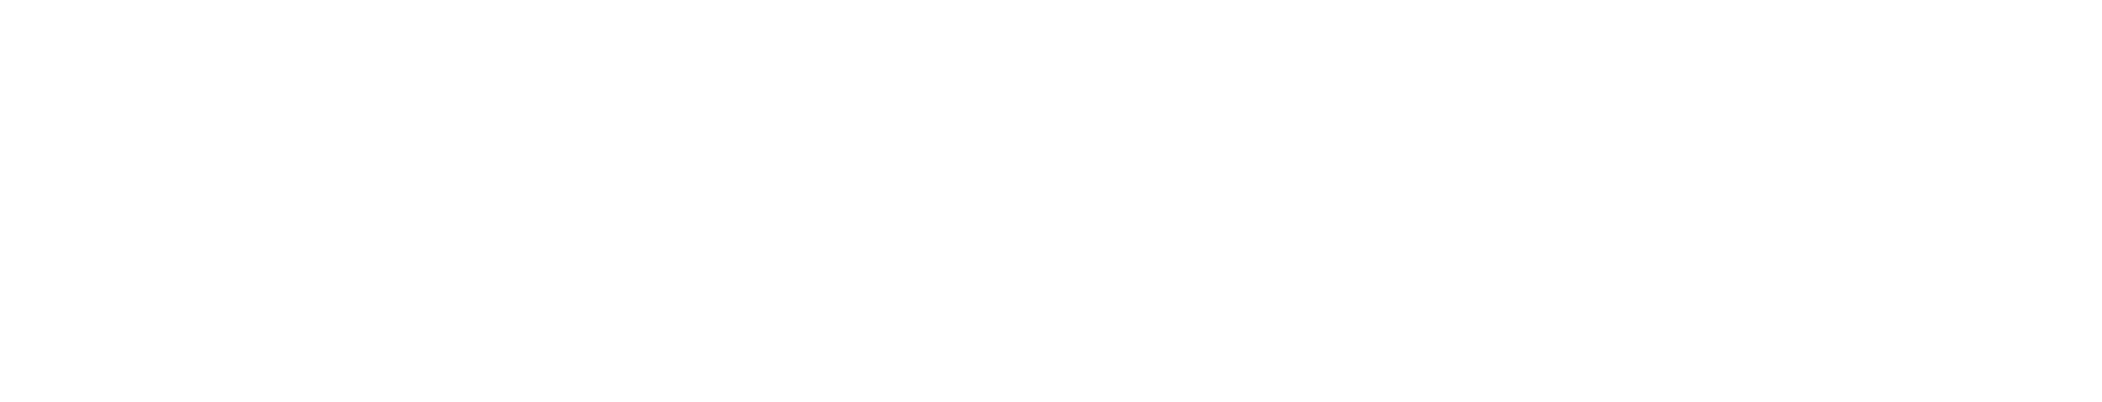 sauvegarde-icone